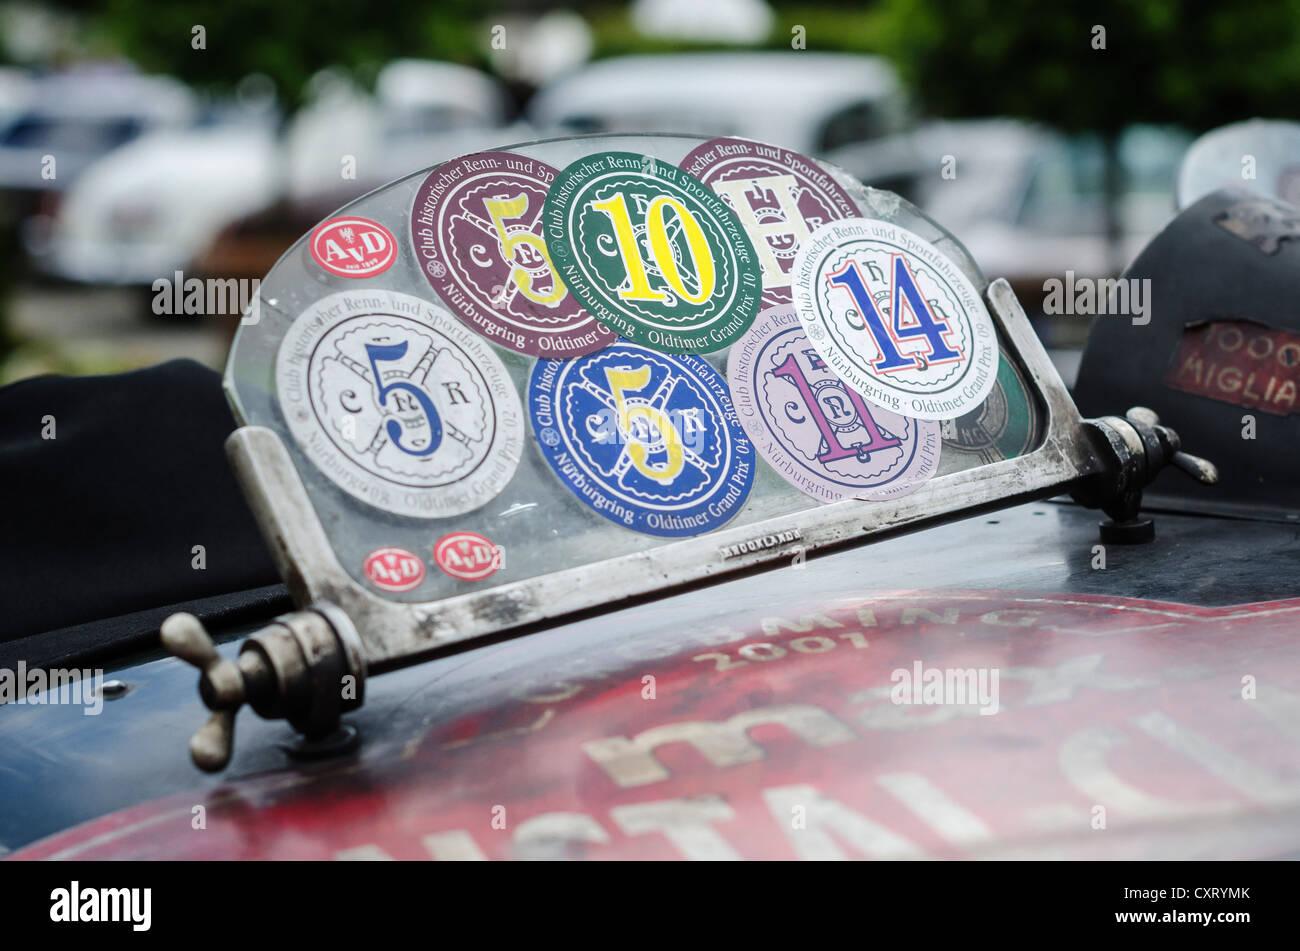 Windschutzscheibe von einem historischen Rennwagen mit Aufklebern, Oldtimer Grand Prix Autorennen, Rennstrecke Nürburgring, Stockbild